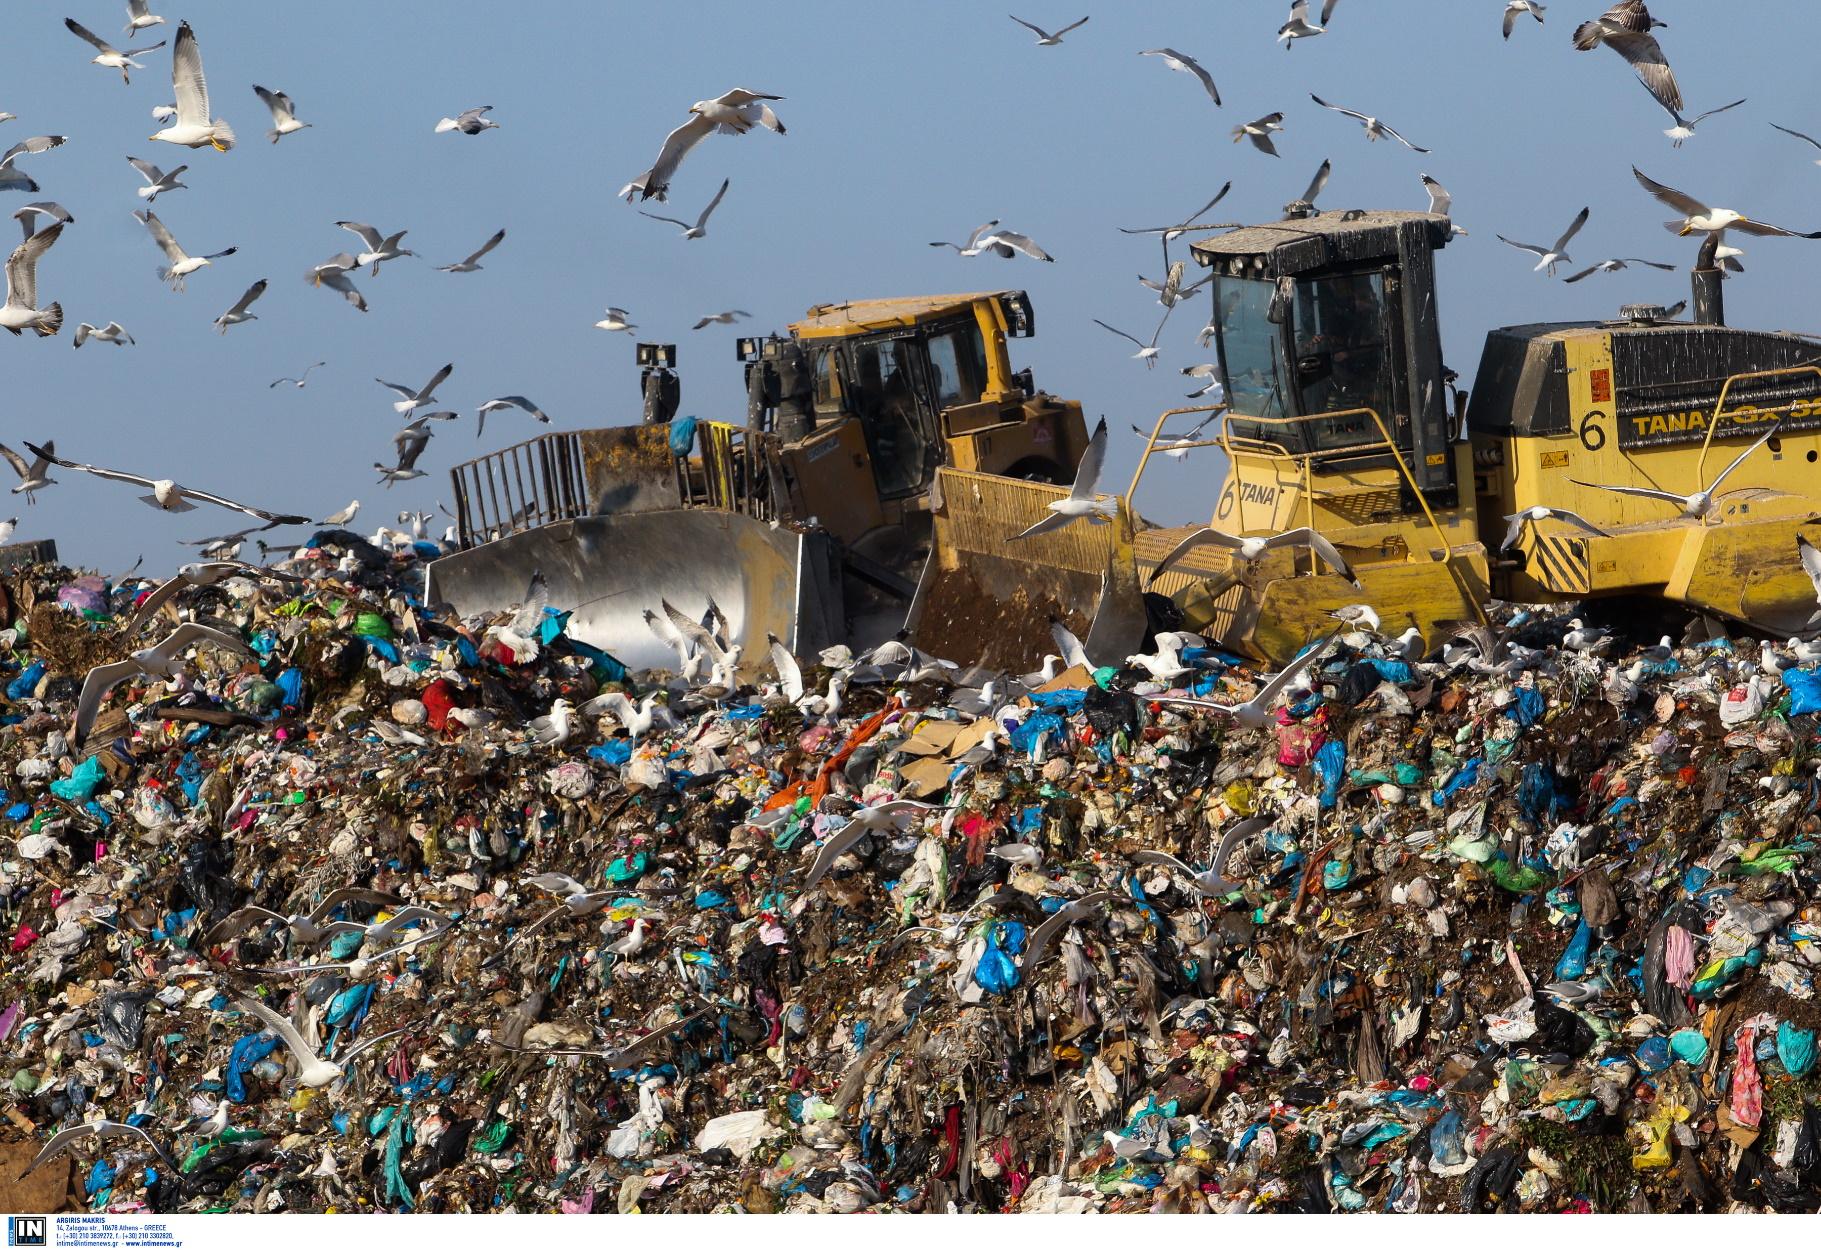 142 κιλά φαγητού ανά κεφαλή τον χρόνο πετιούνται στην Ελλάδα στα σκουπίδια